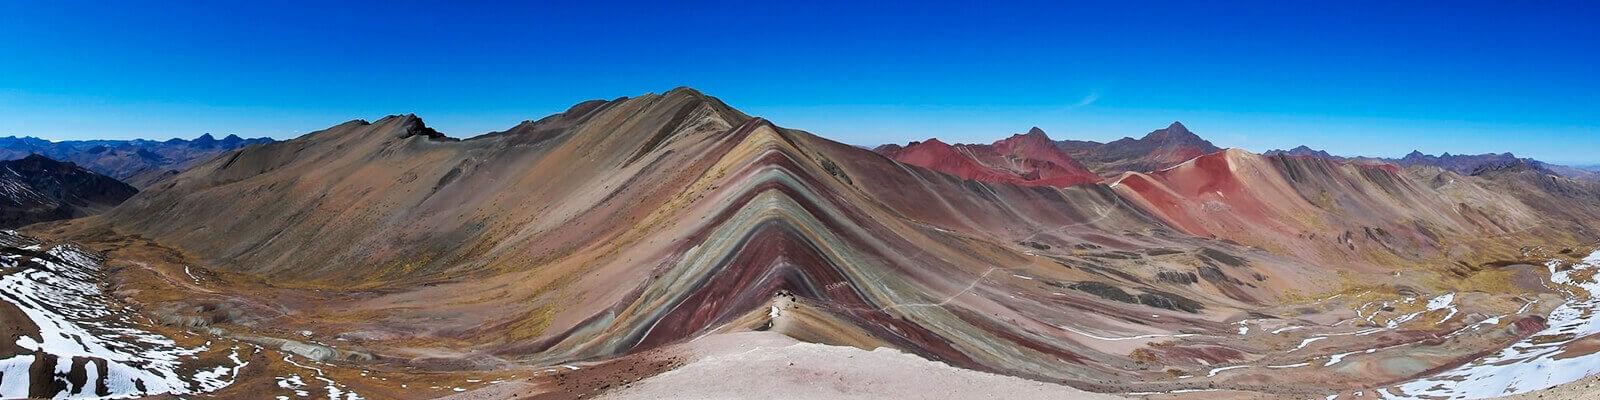 montana-de-colores-trek-machu-picchu-andes-tours